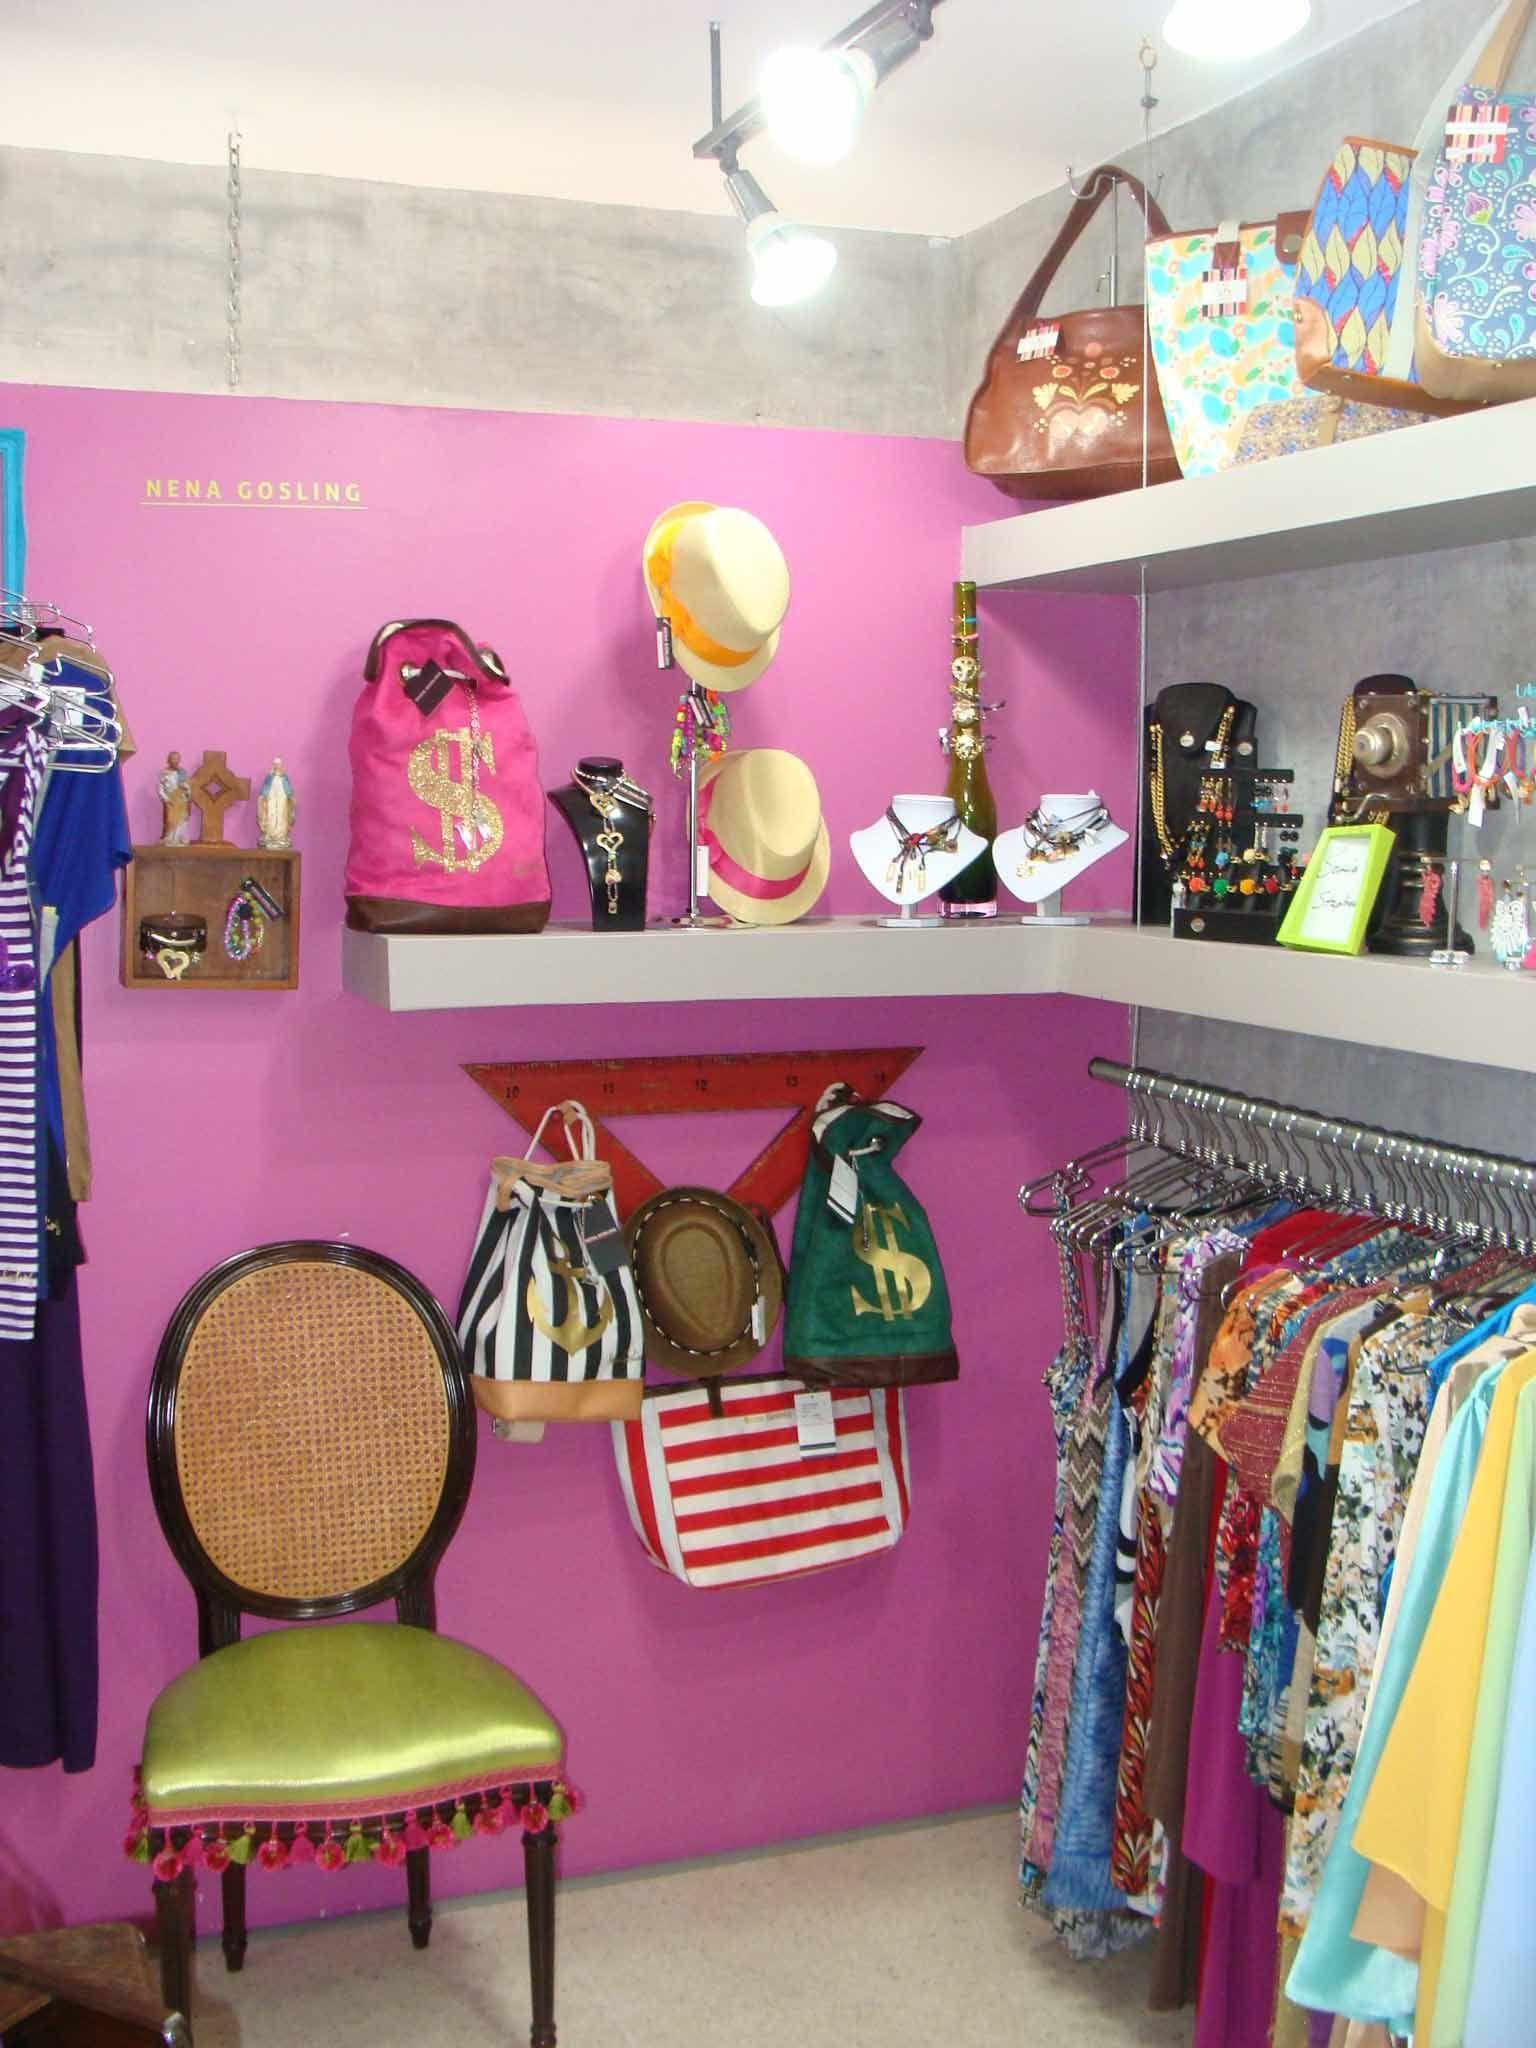 Sugar tienda nuevo espacio para el dise o venezolano for Disenos de tiendas de ropa modernas